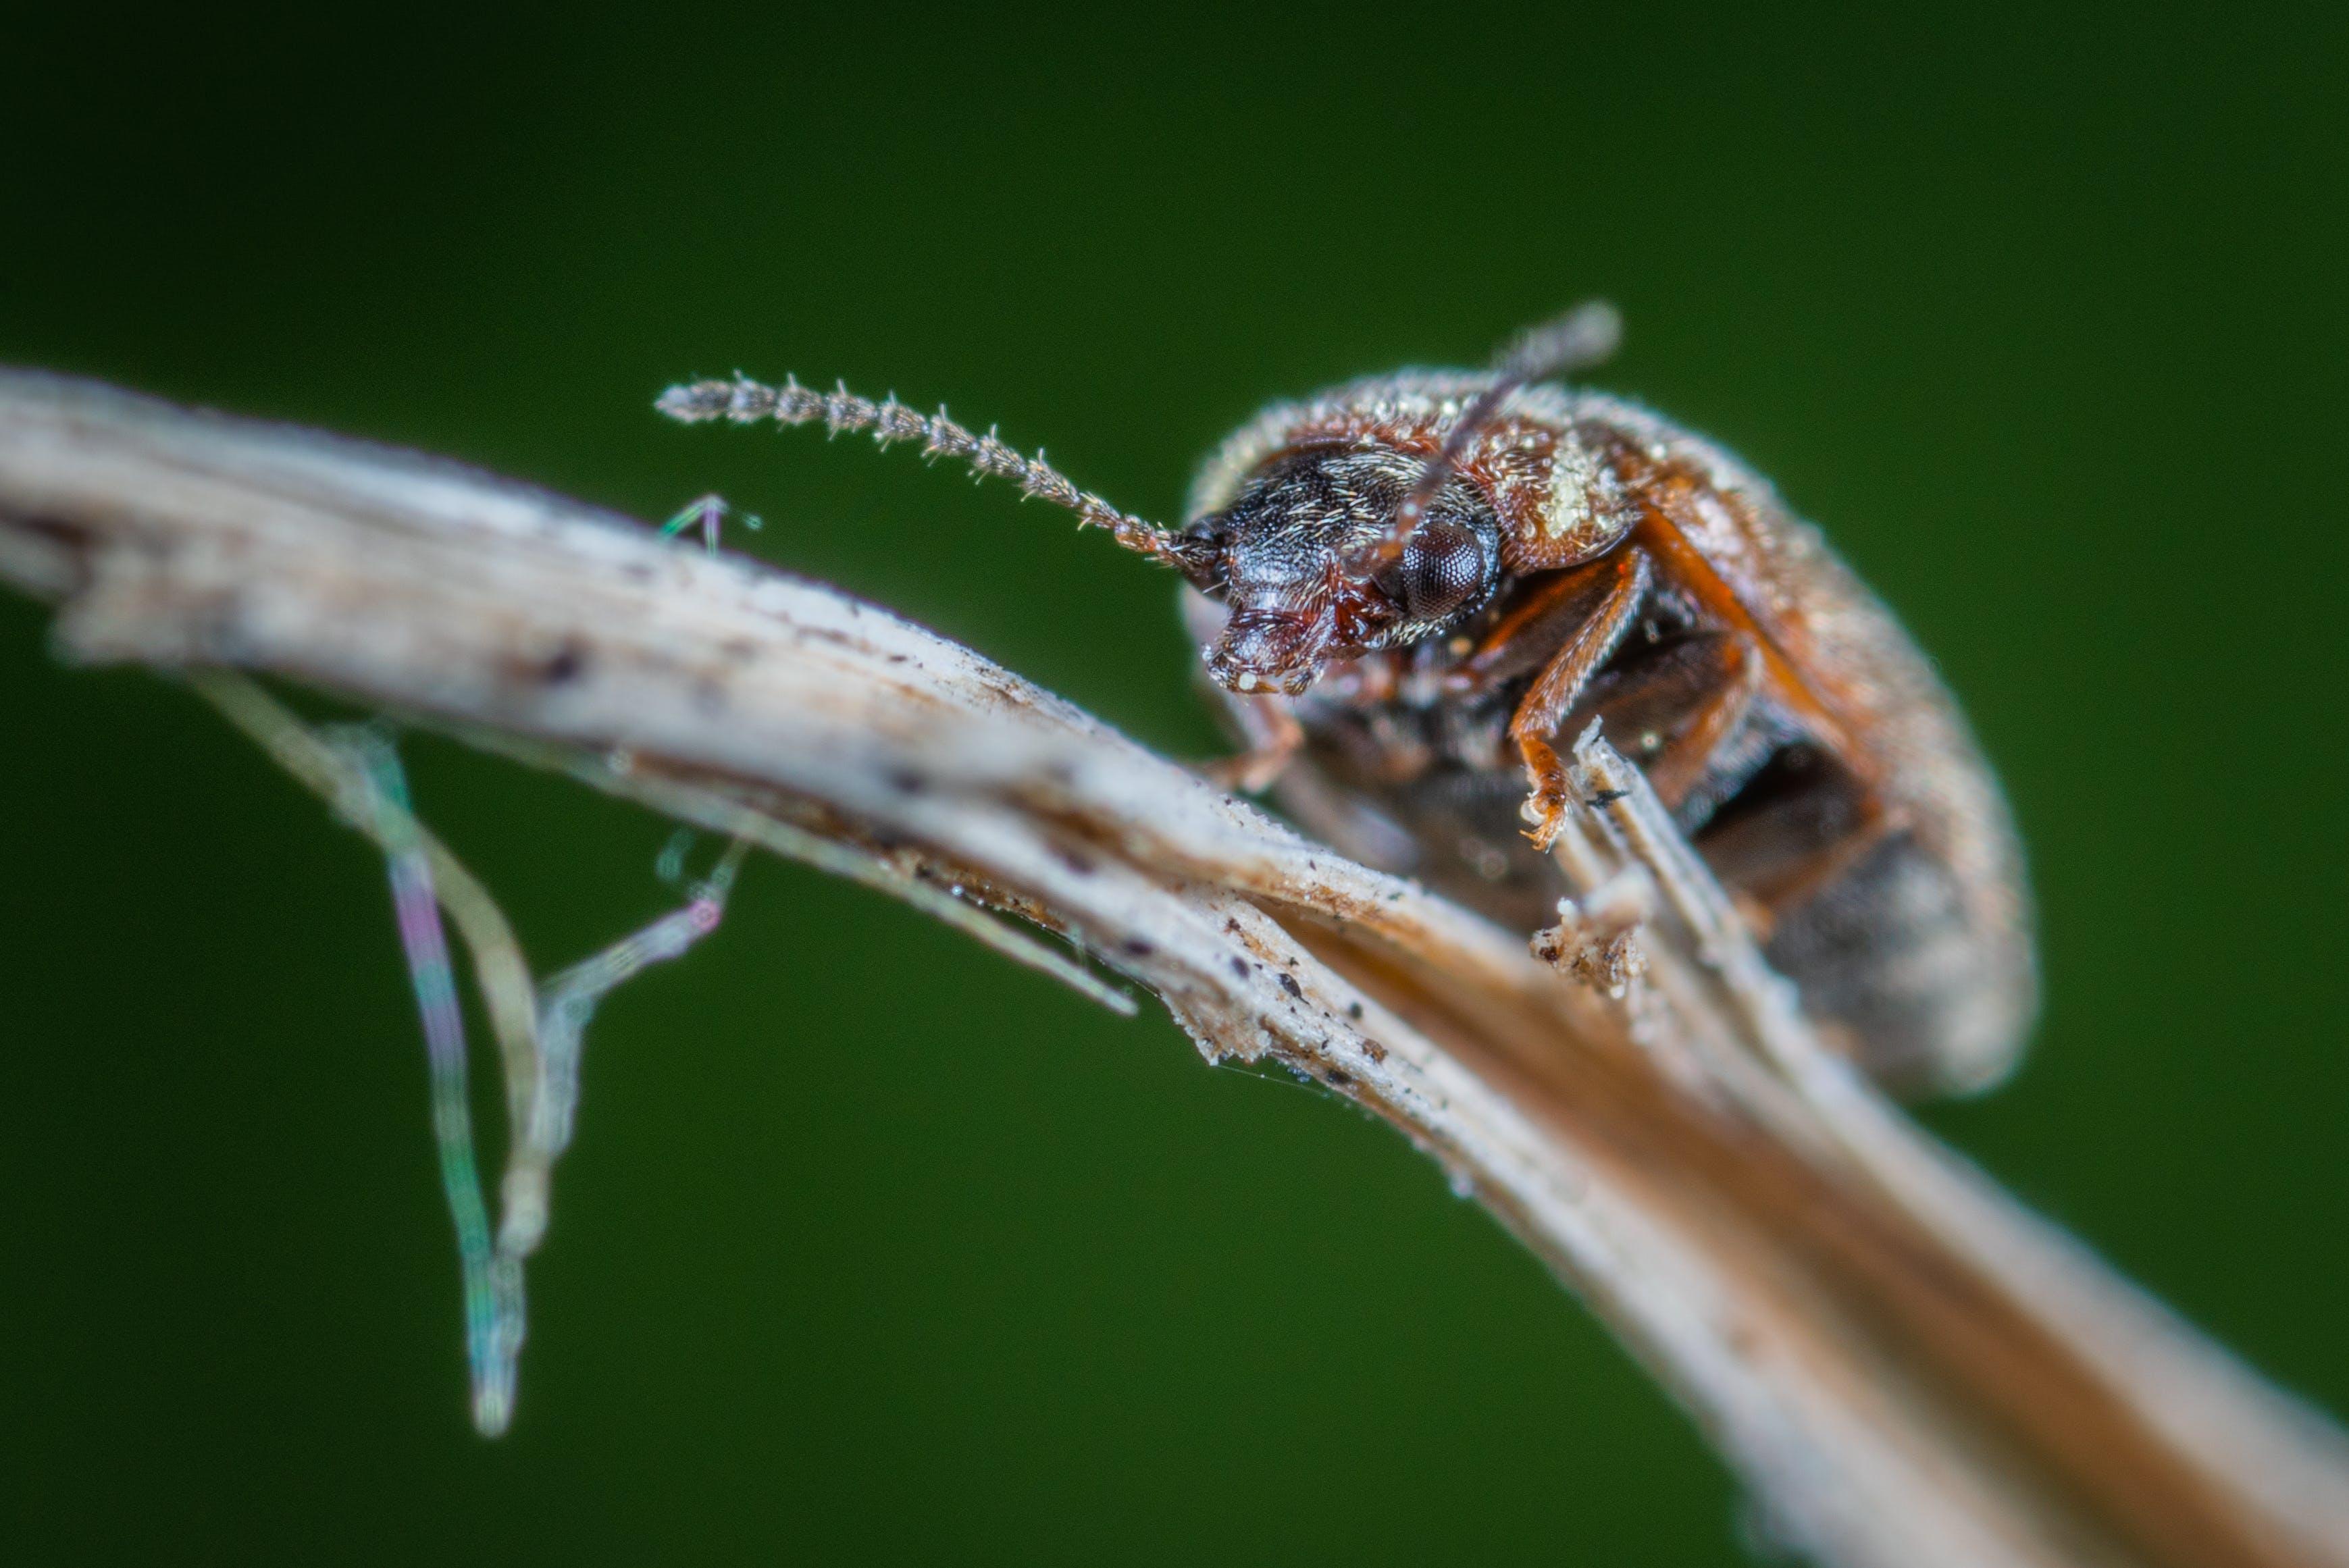 Brown Bug on Brown Plant